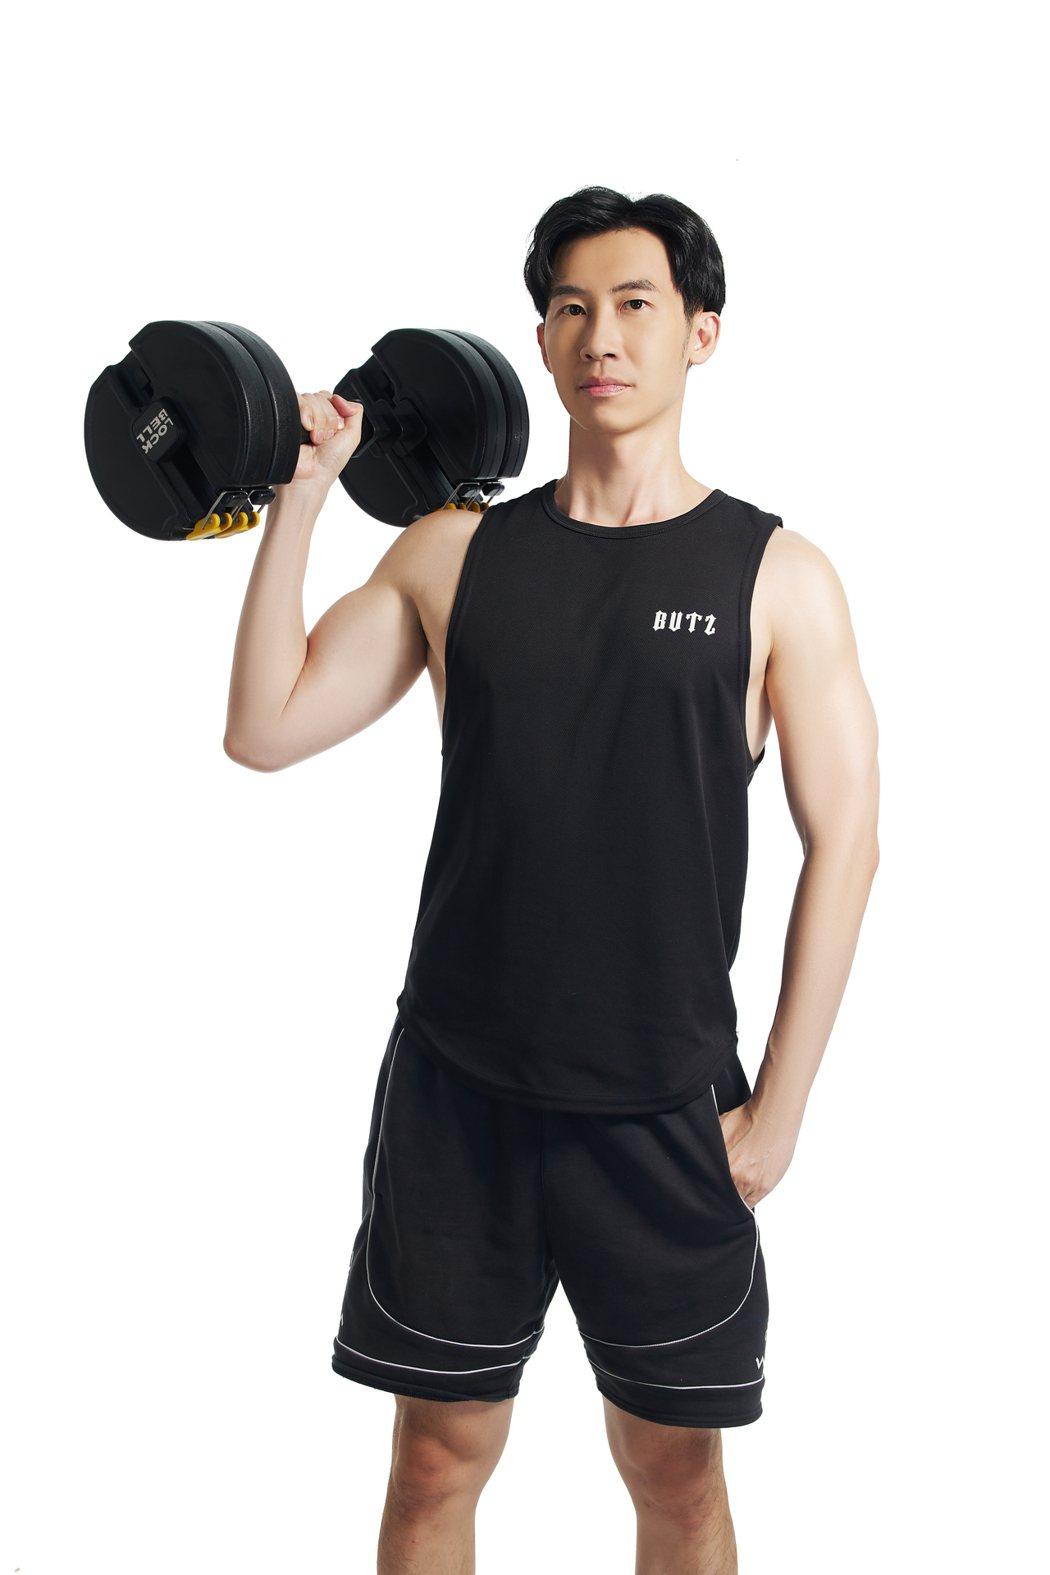 型男醫師蕭捷健最新代言,大方展現好身材。